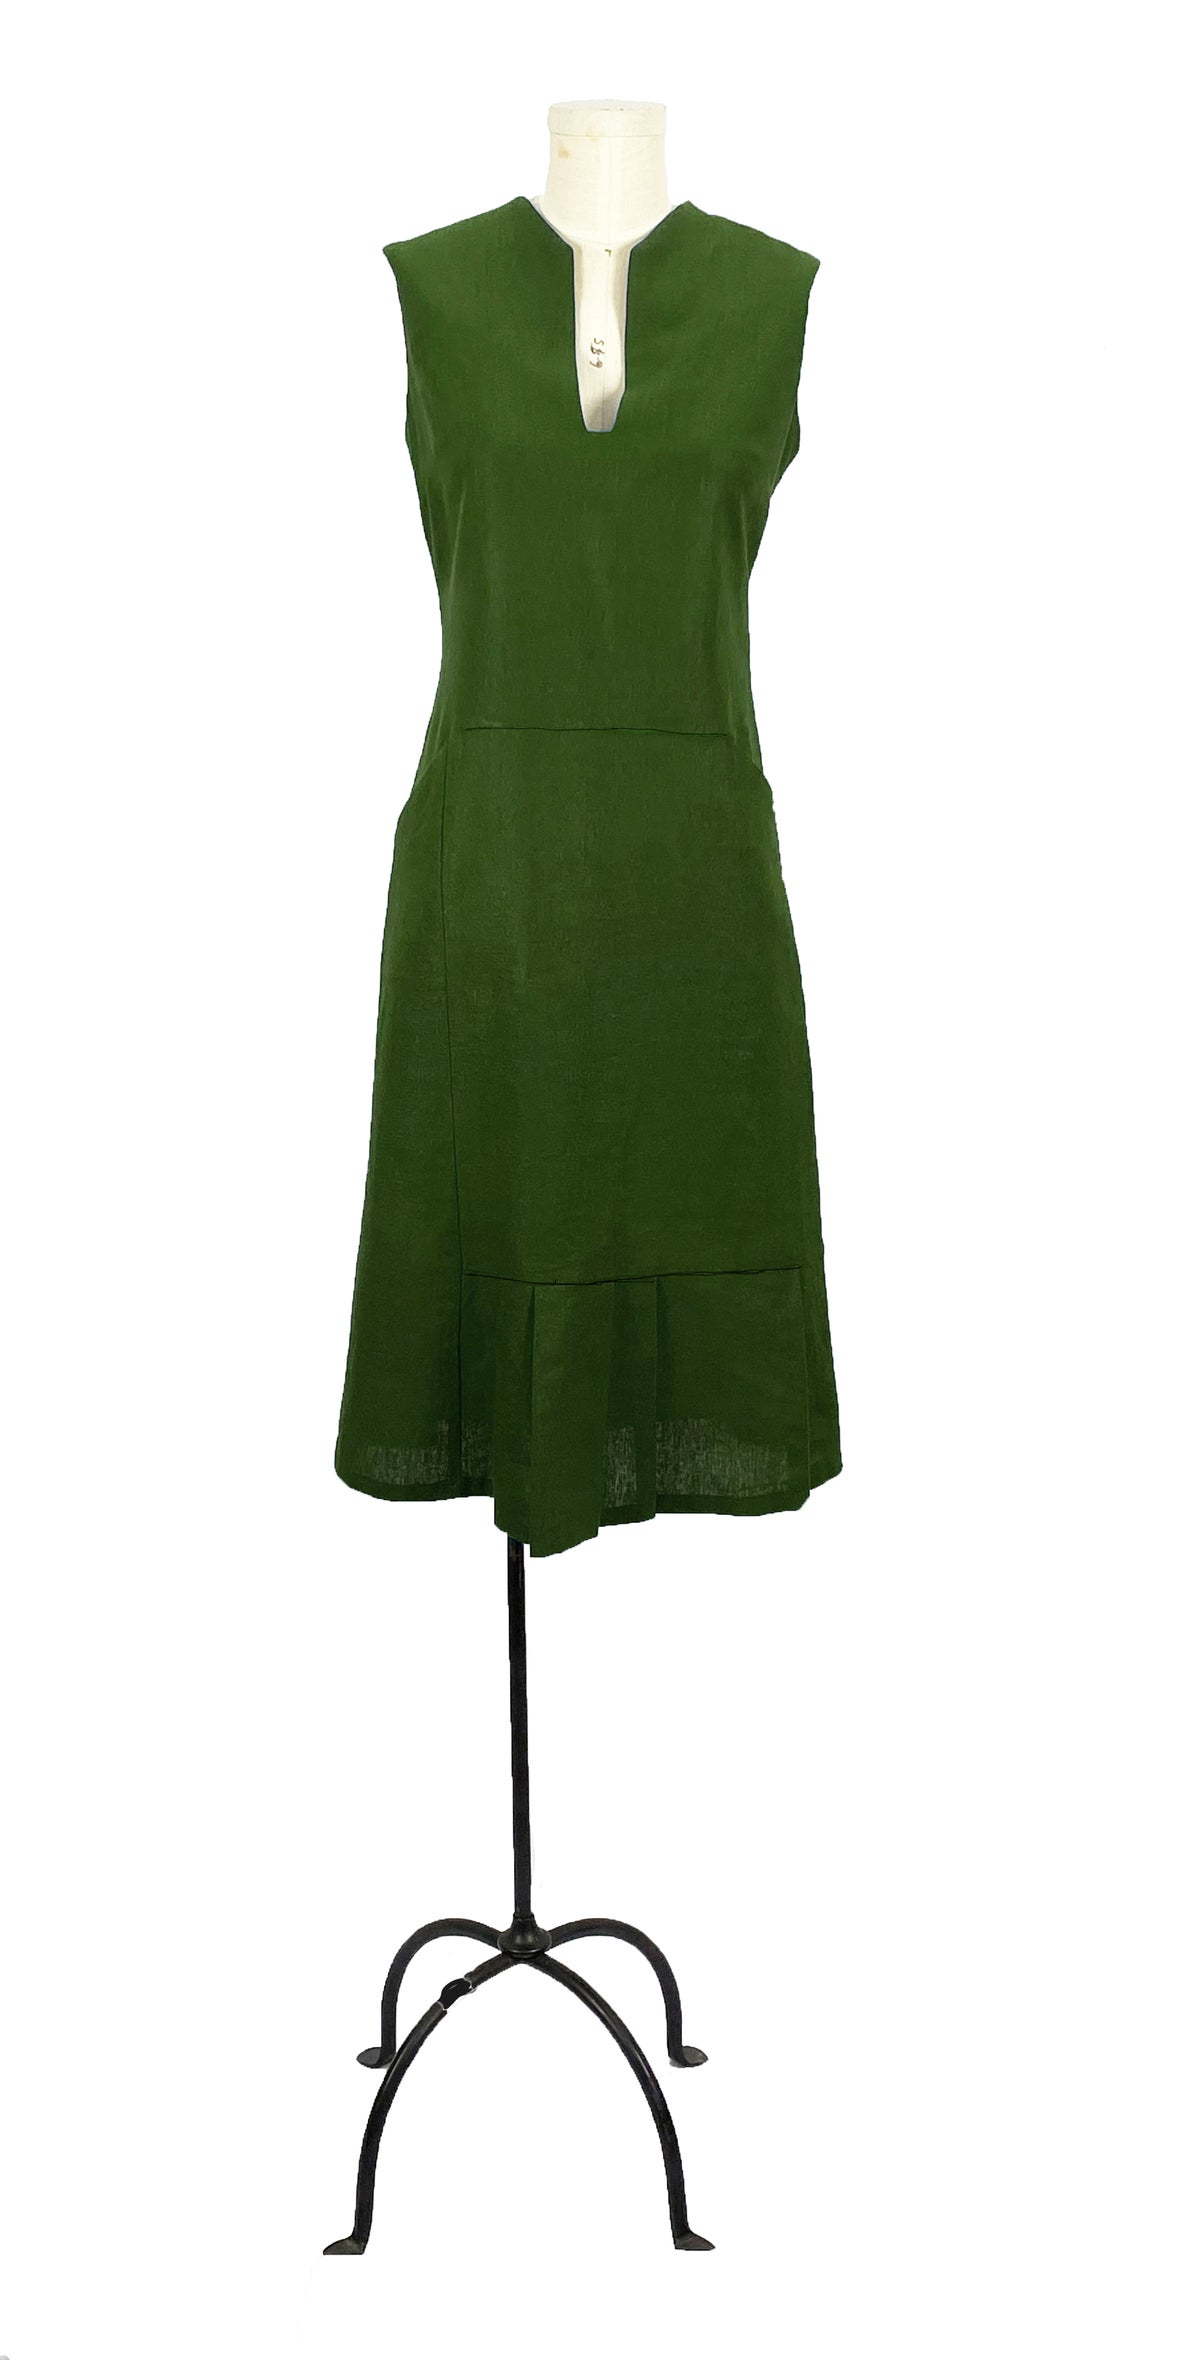 Image of harding dress olive